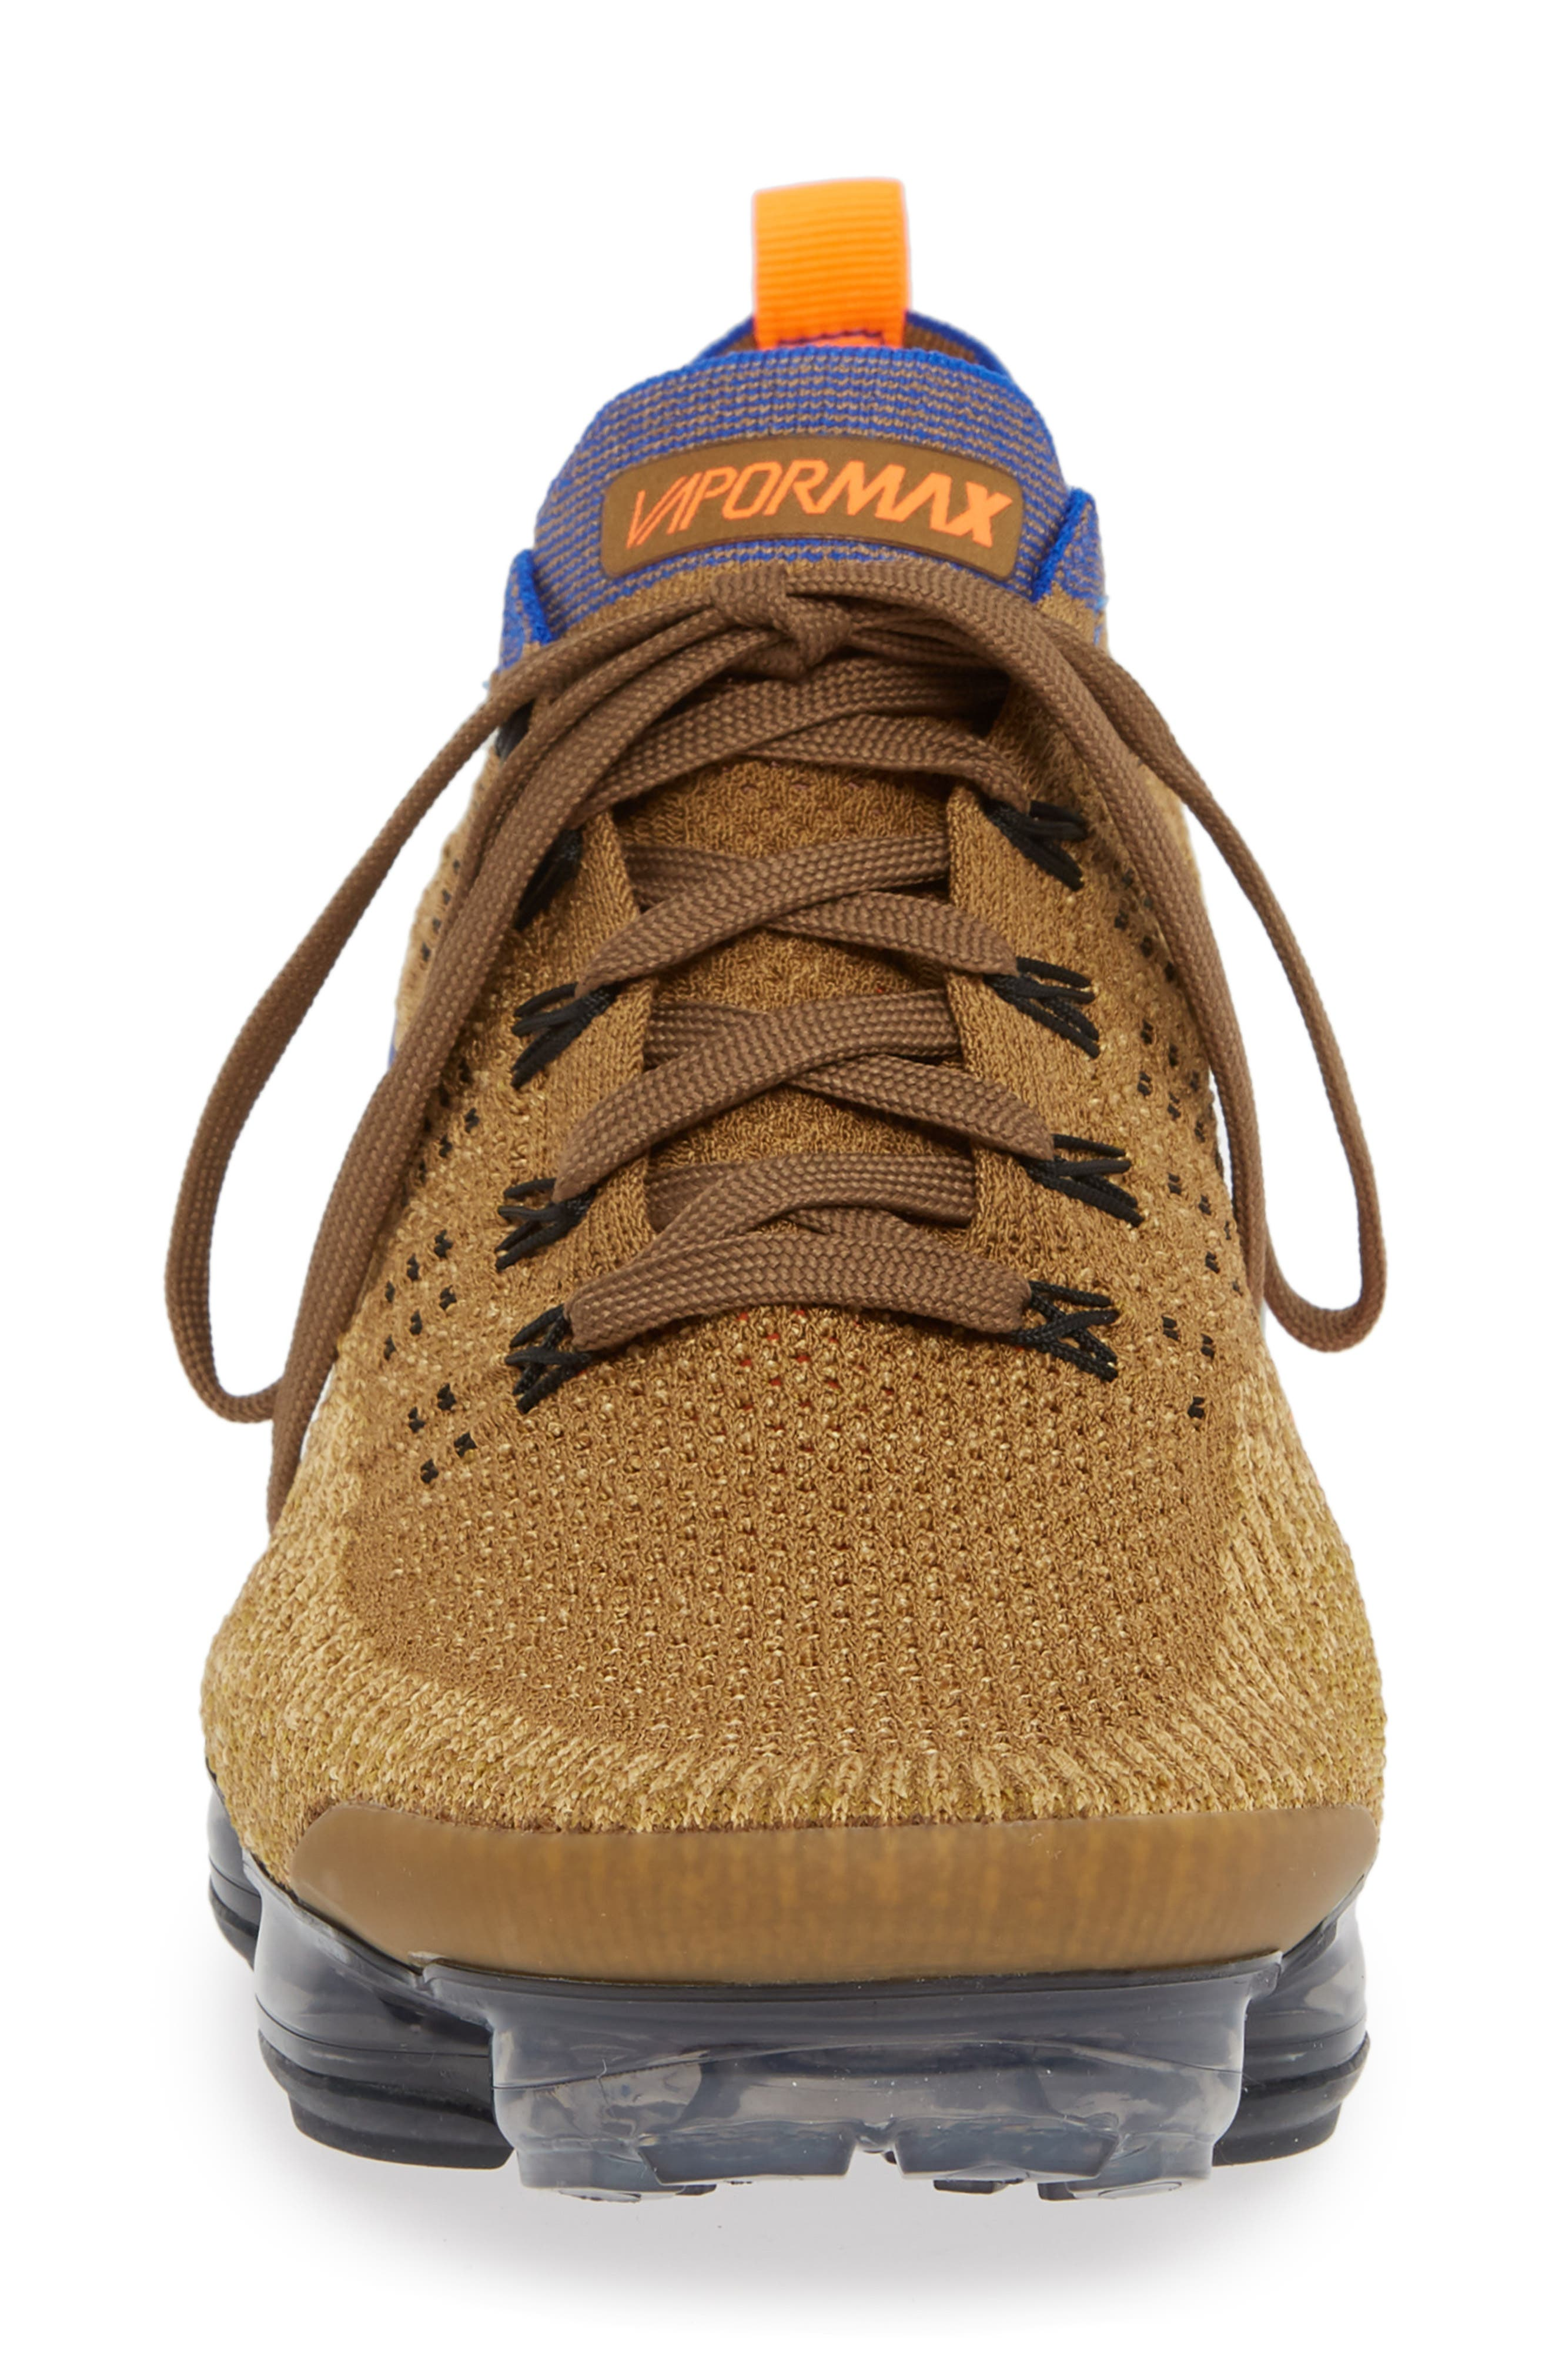 Air Vapormax Flyknit 2 Running Shoe,                             Alternate thumbnail 4, color,                             GOLDEN BEIGE/ RACER BLUE/ GOLD